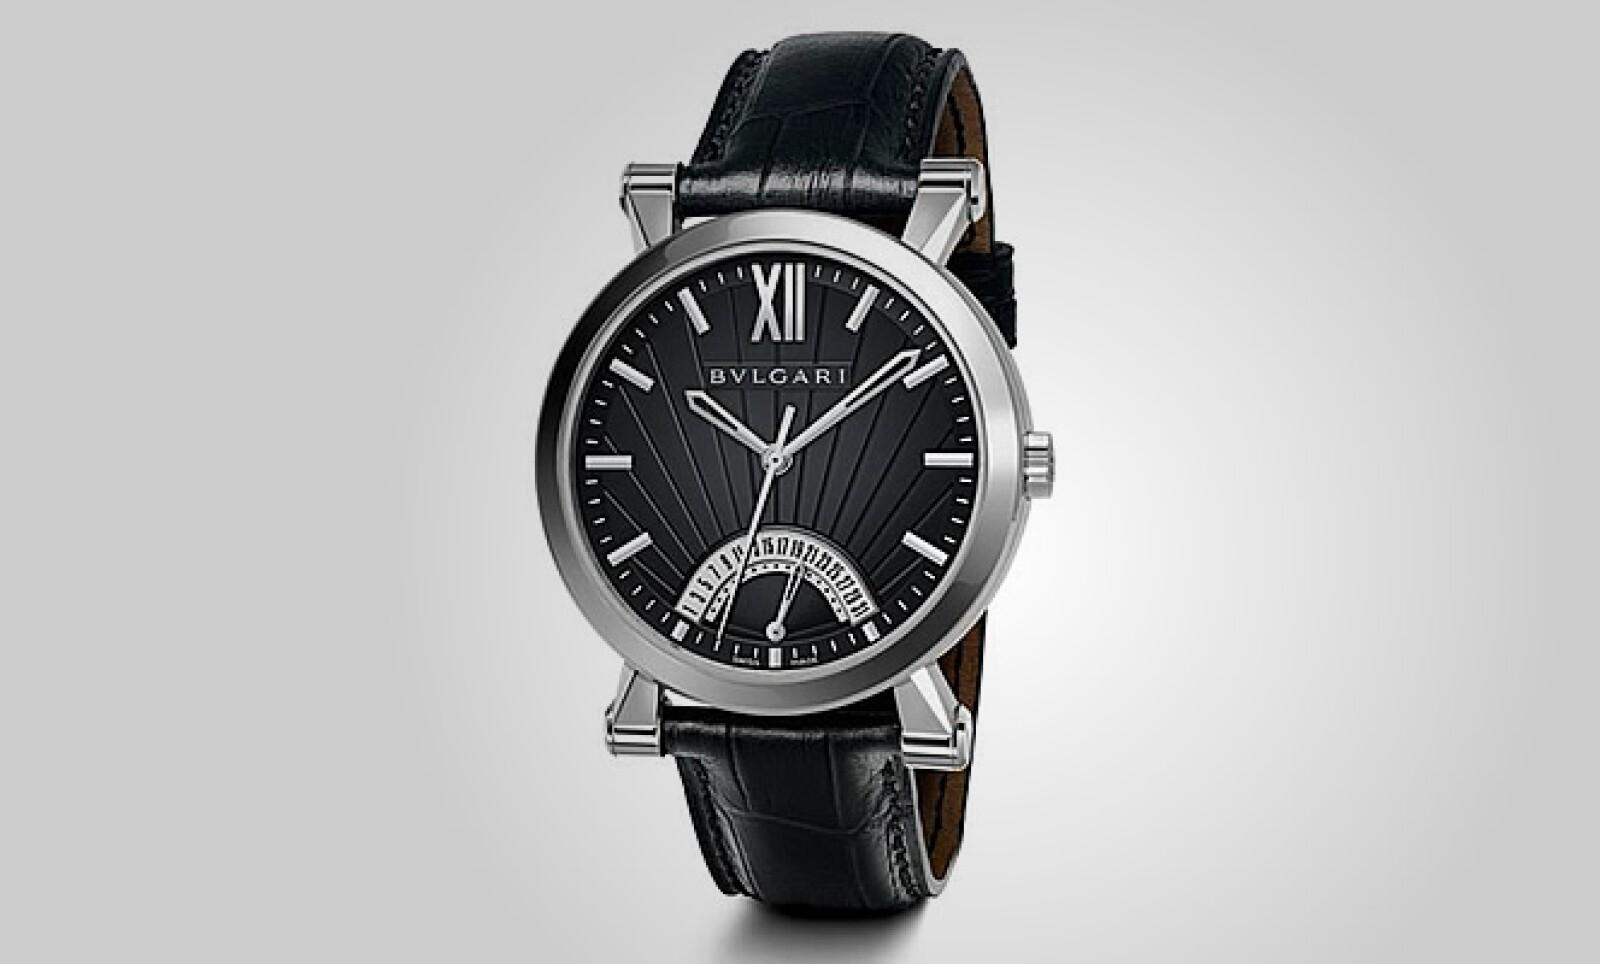 La marca Bvlgari tiene dentro de su colección Sotirio este reloj con un diámetro de 42 mm, correa de piel y resistencia al agua de 30 metros.